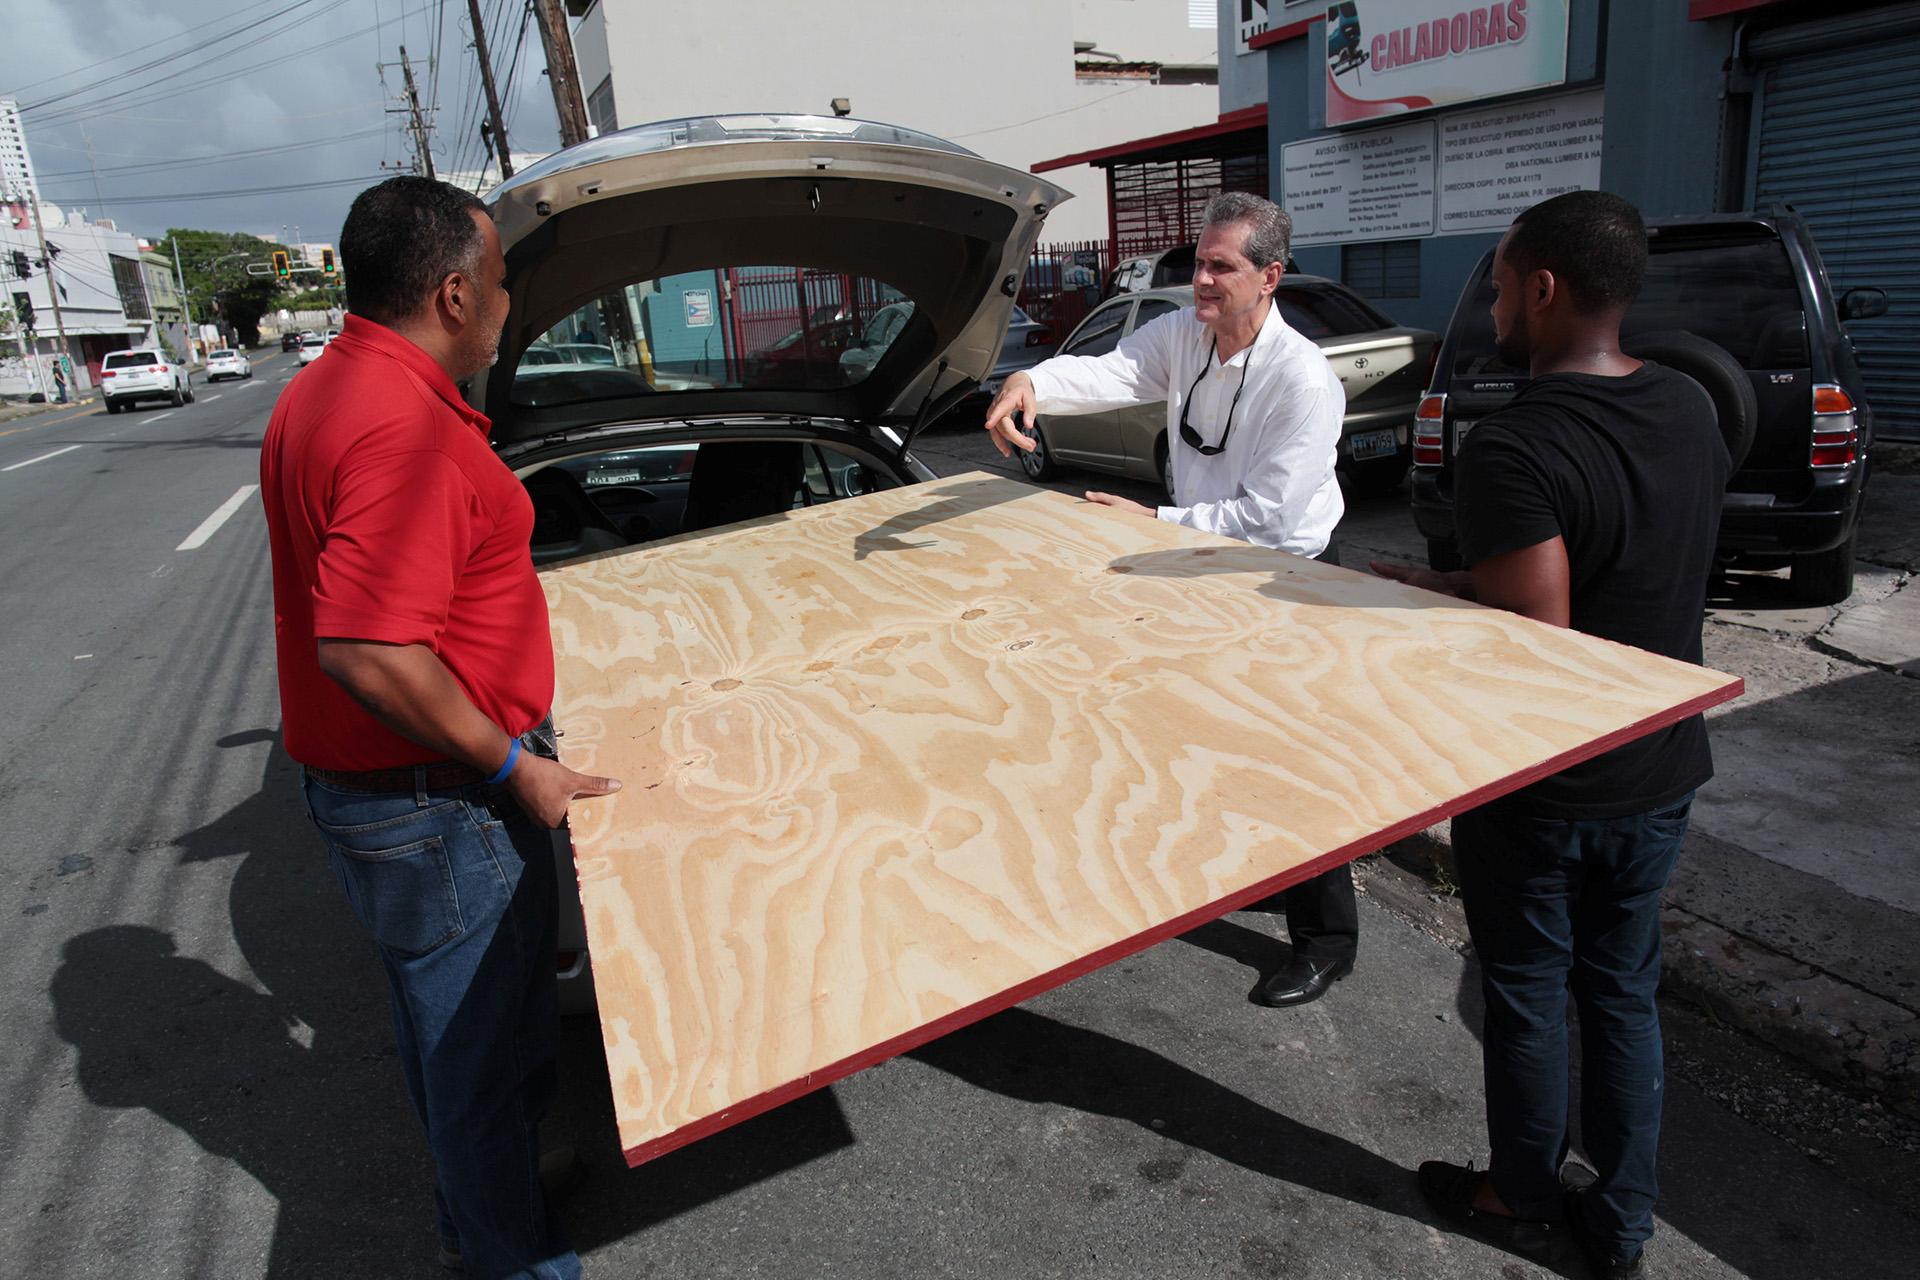 La gente compra materiales para estar preparados ante la inminente llegada de Irma, en Bayamon, Puerto Rico